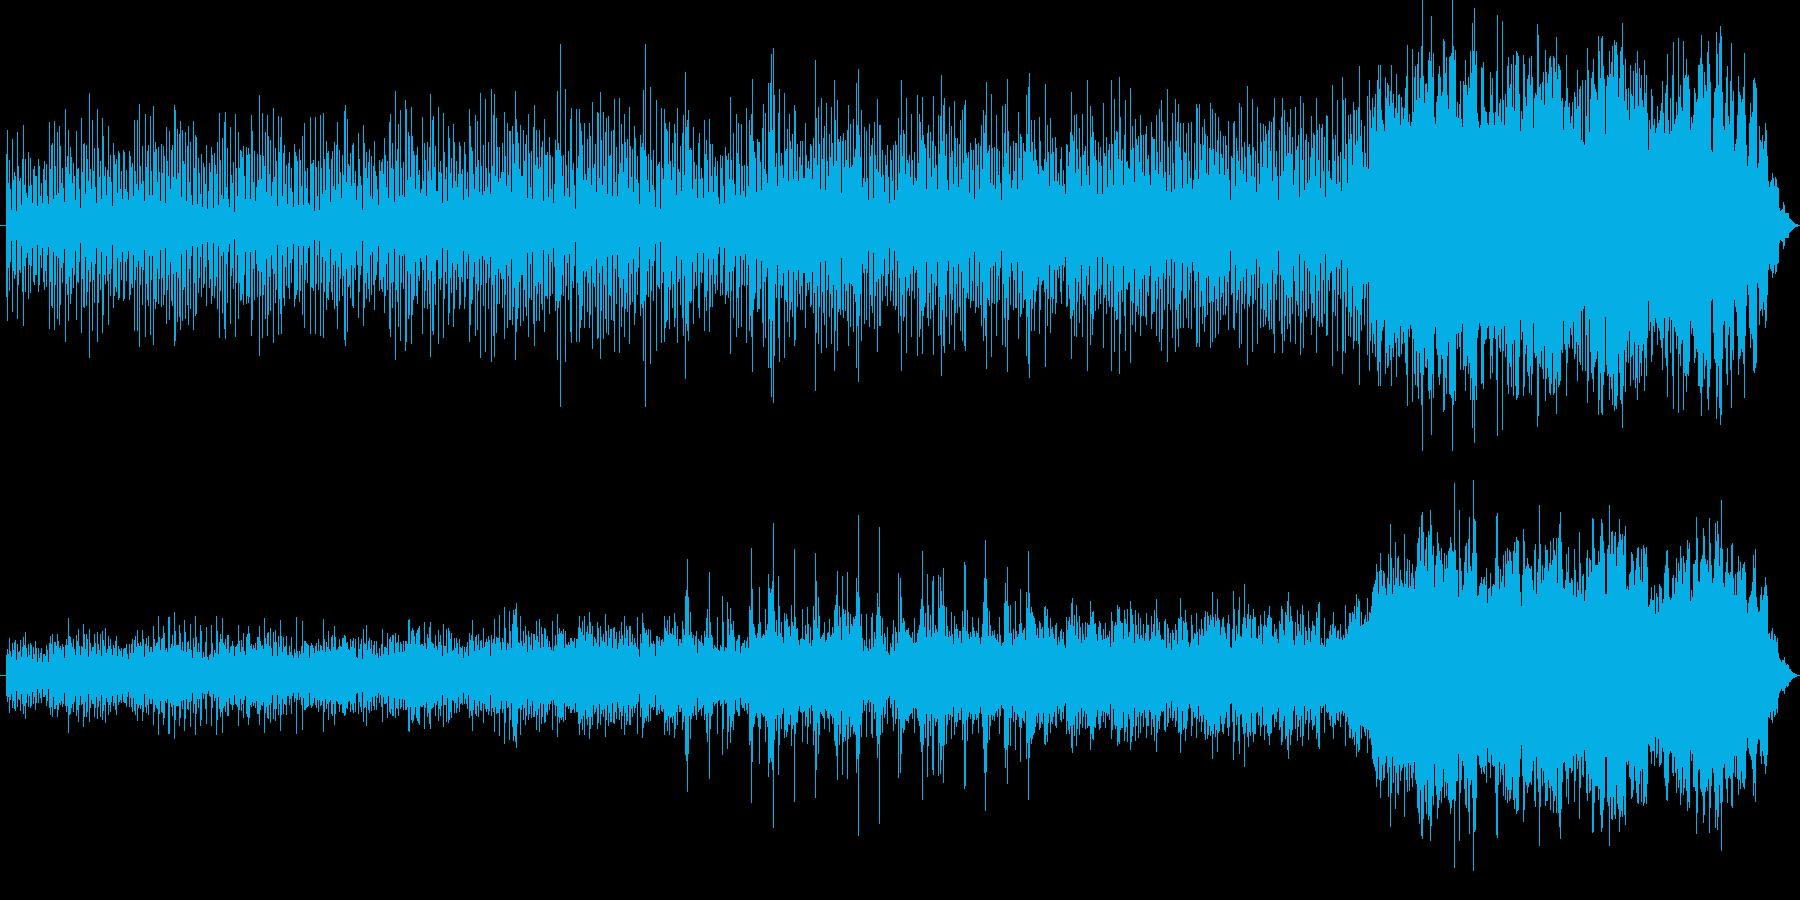 独特な世界観で響きが特徴的なメロディーの再生済みの波形